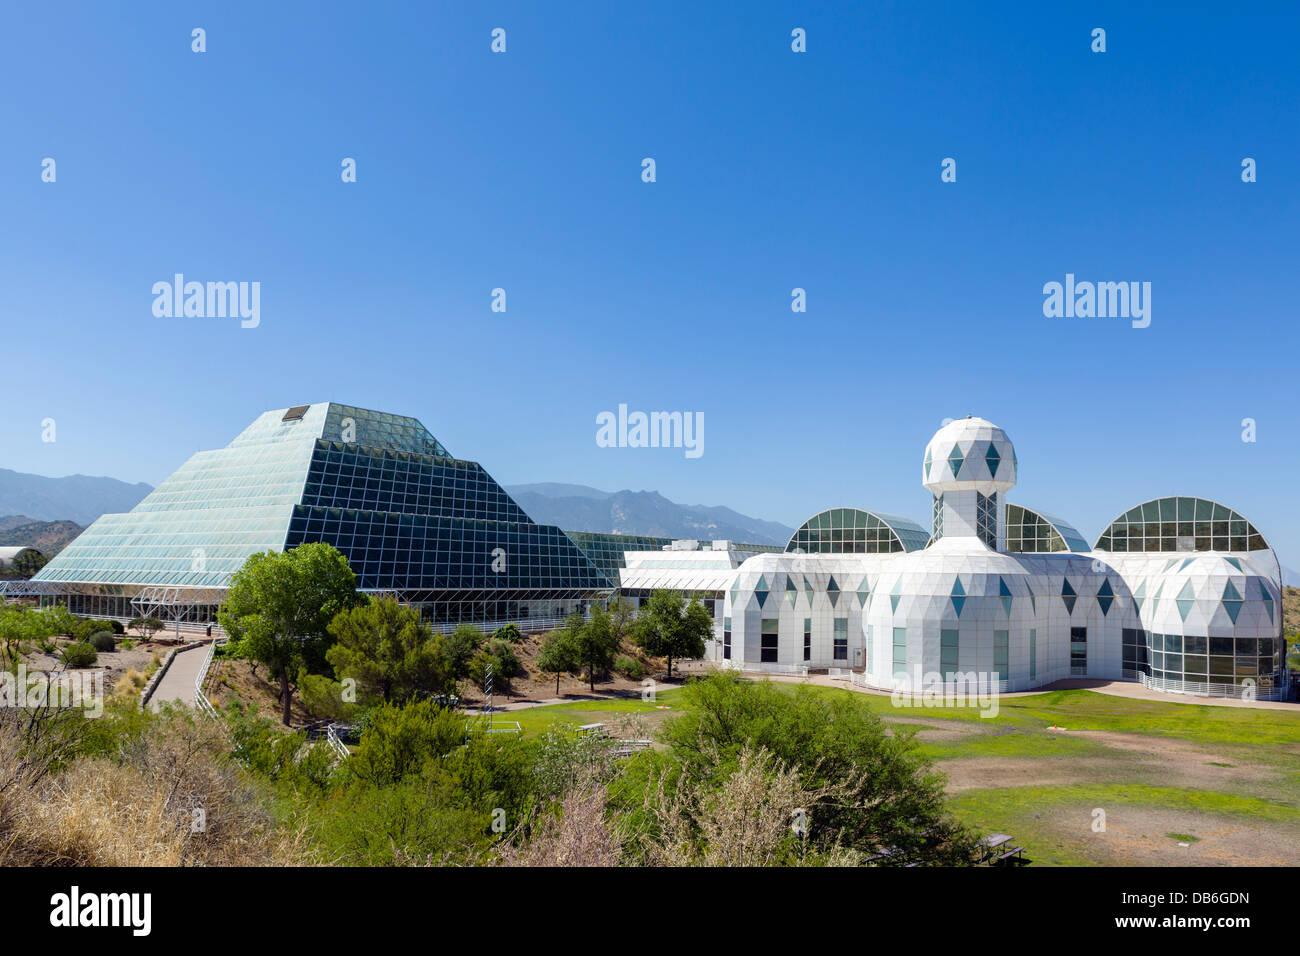 Biosphäre 2 Erde Systeme Wissenschaft Forschungseinrichtung an der University of Arizona, Oracle, in der Nähe Stockbild